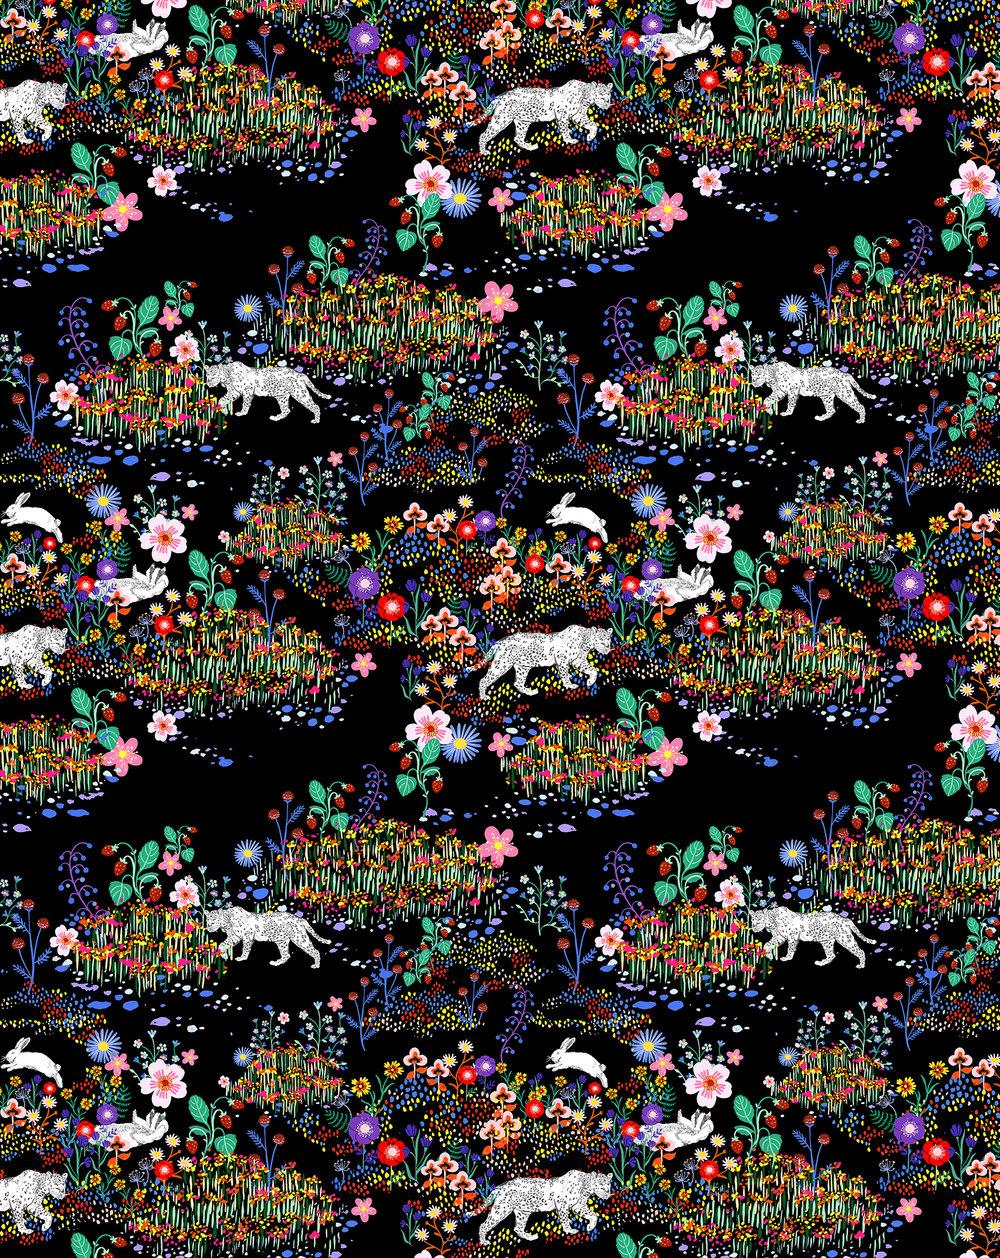 Pommechan_Pattern01_Lowres_15x15.jpg